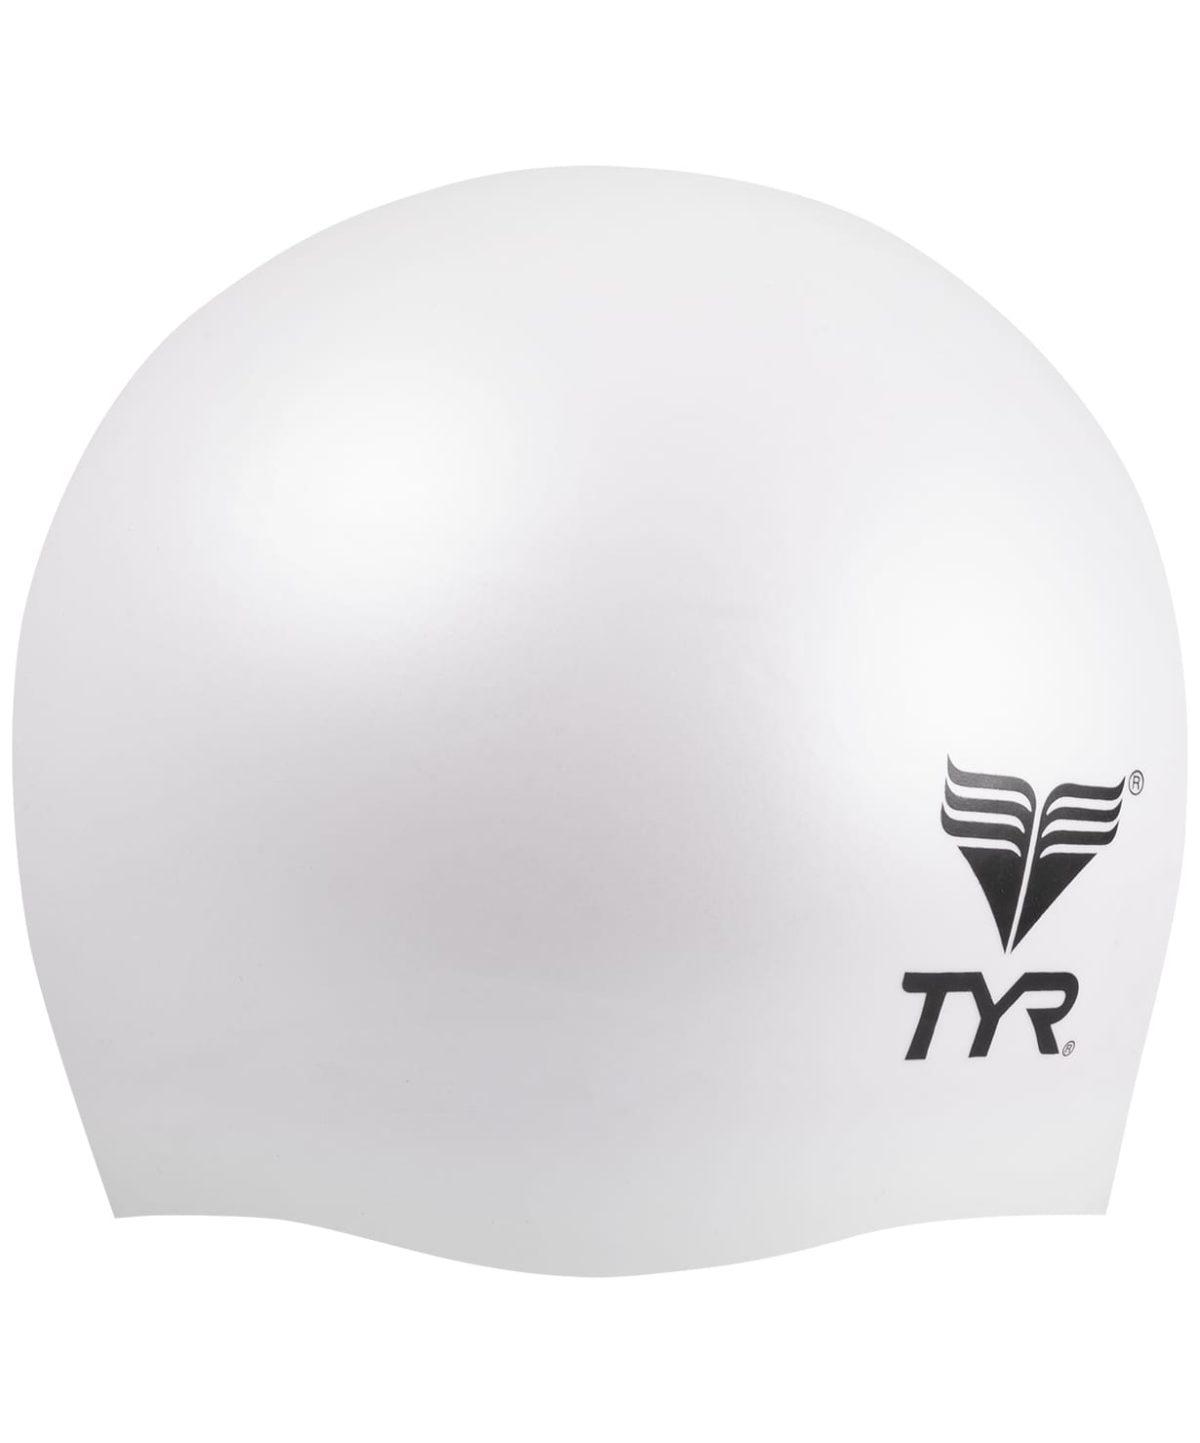 TYR Wrinkle Free Junior Silicone Cap Шапочка для плавания силикон  LCSJR - 1